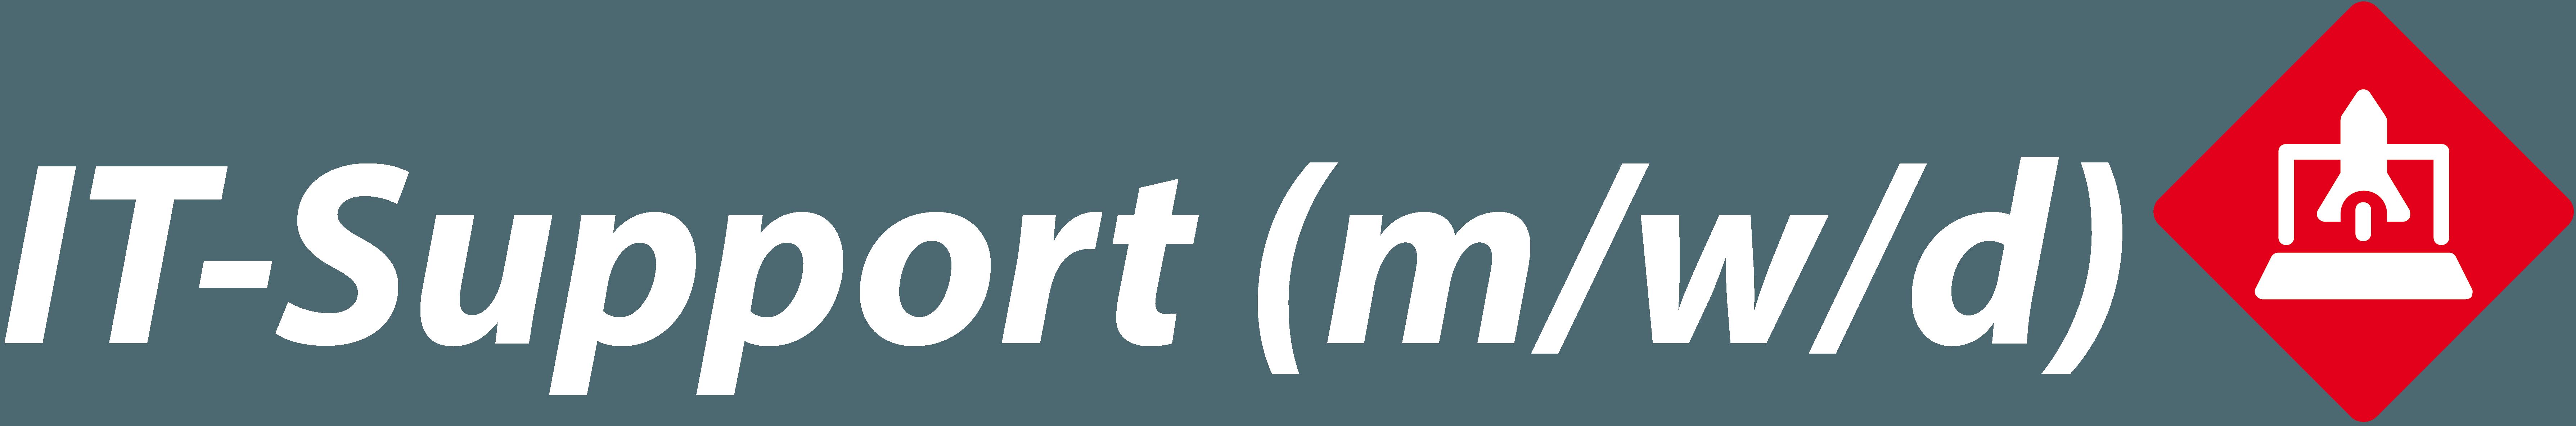 Mitarbeiter (m/w/d) IT-Support in Teilzeit